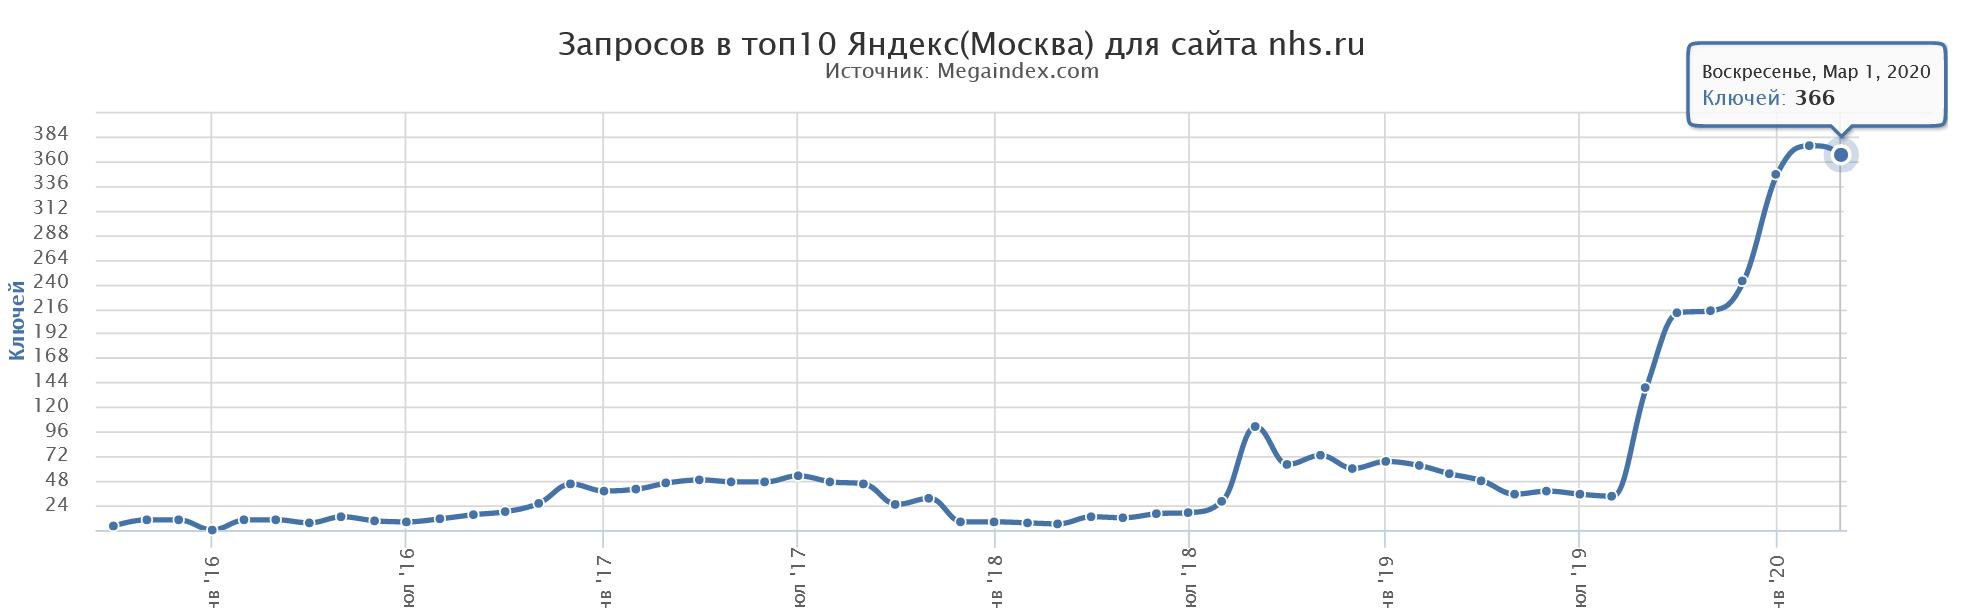 SEO продвижения сайта ТОП-10 Яндекс